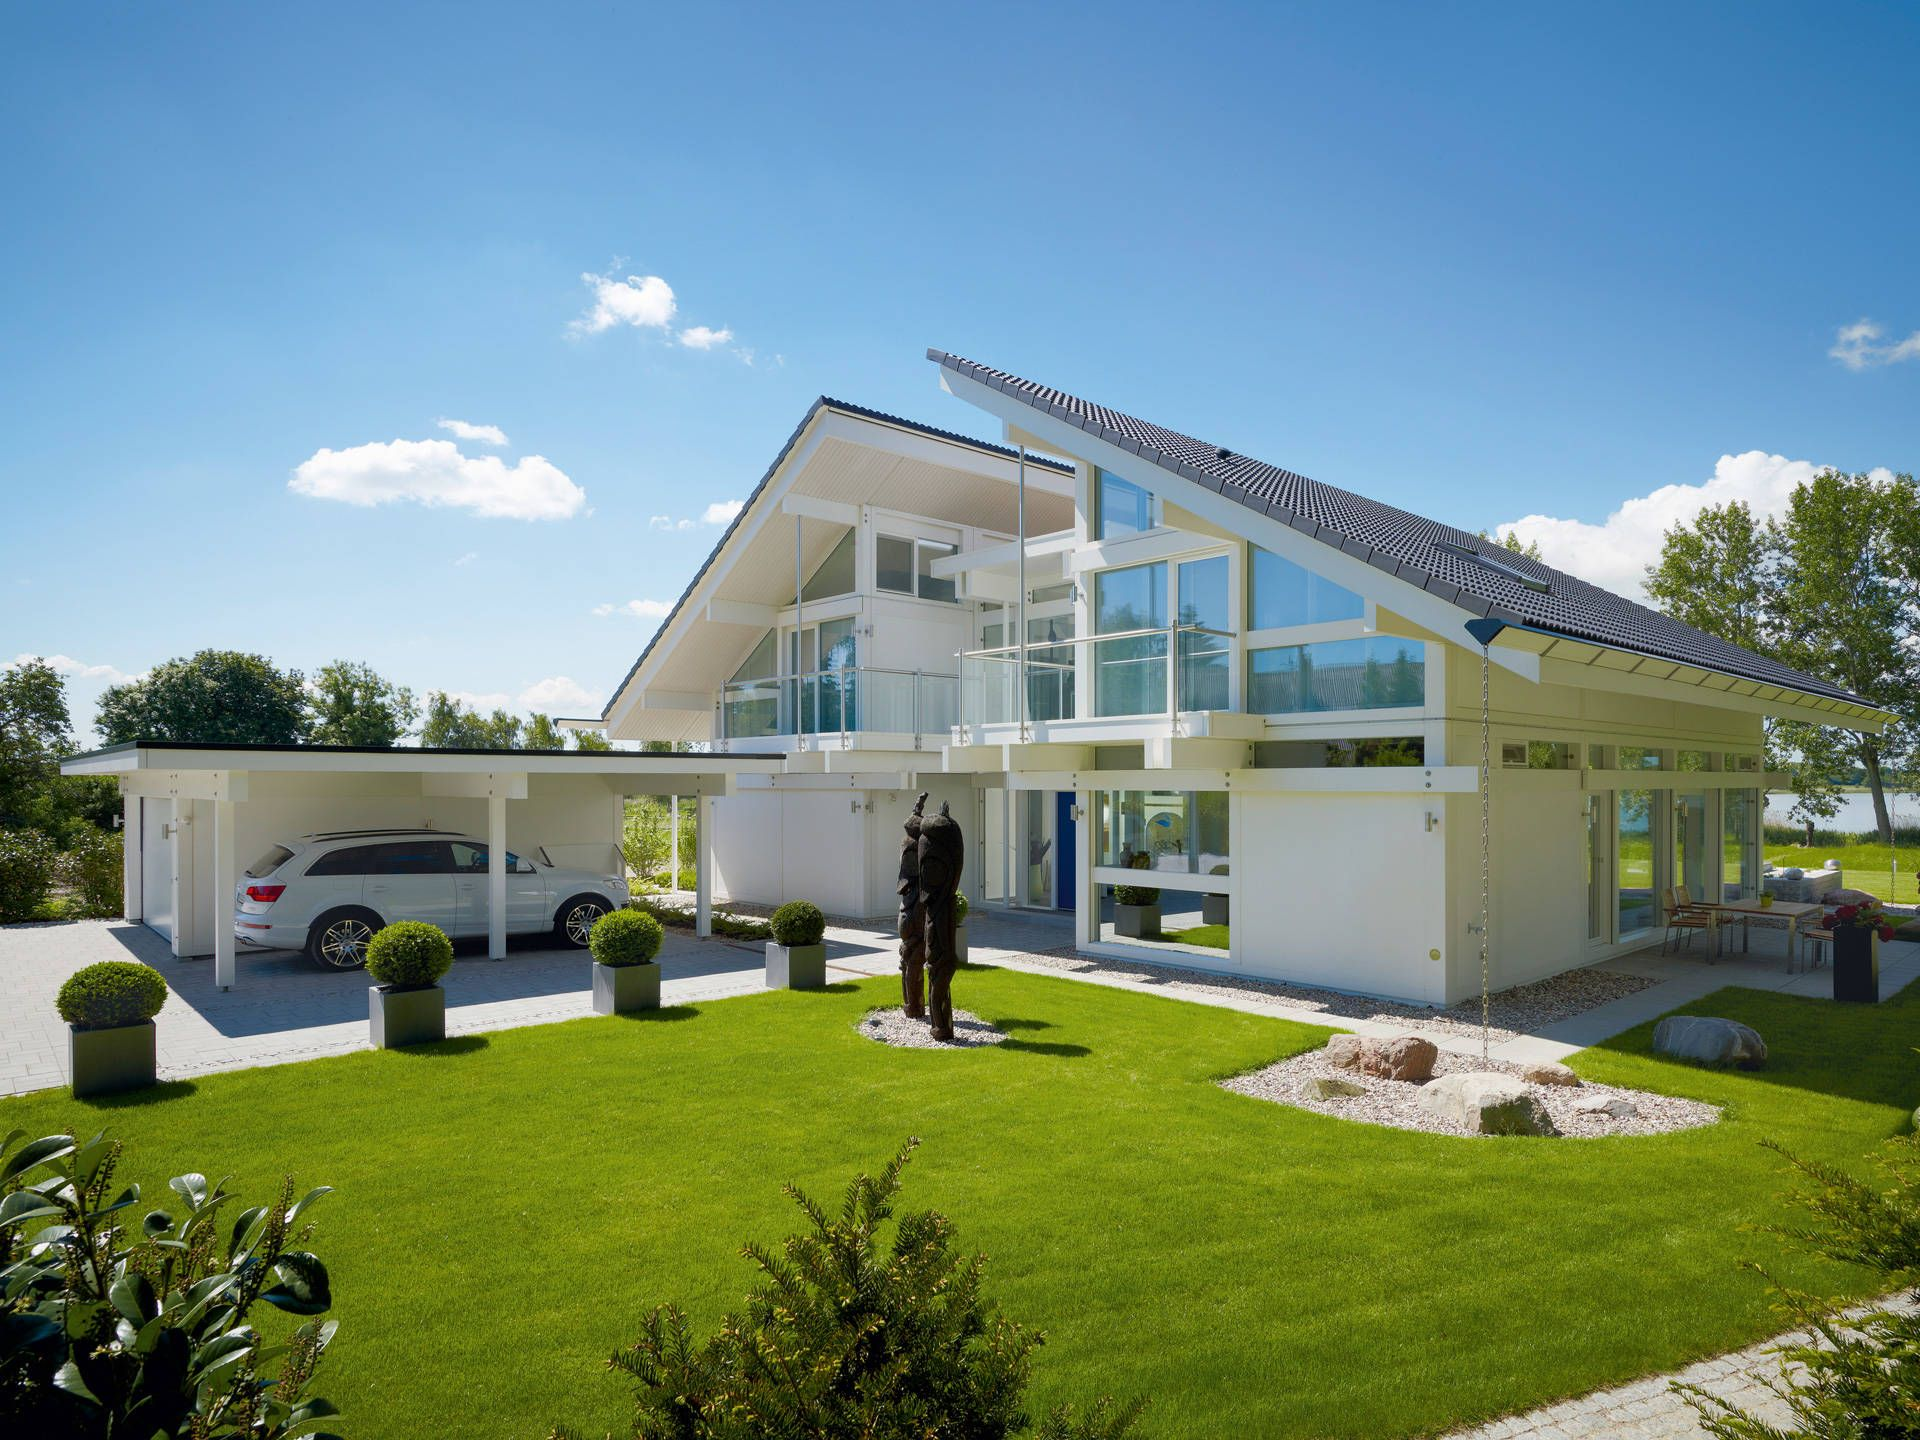 Huf Haus Hartenfels art 6 projektbeispiel 1 • architektenhaus von huf haus